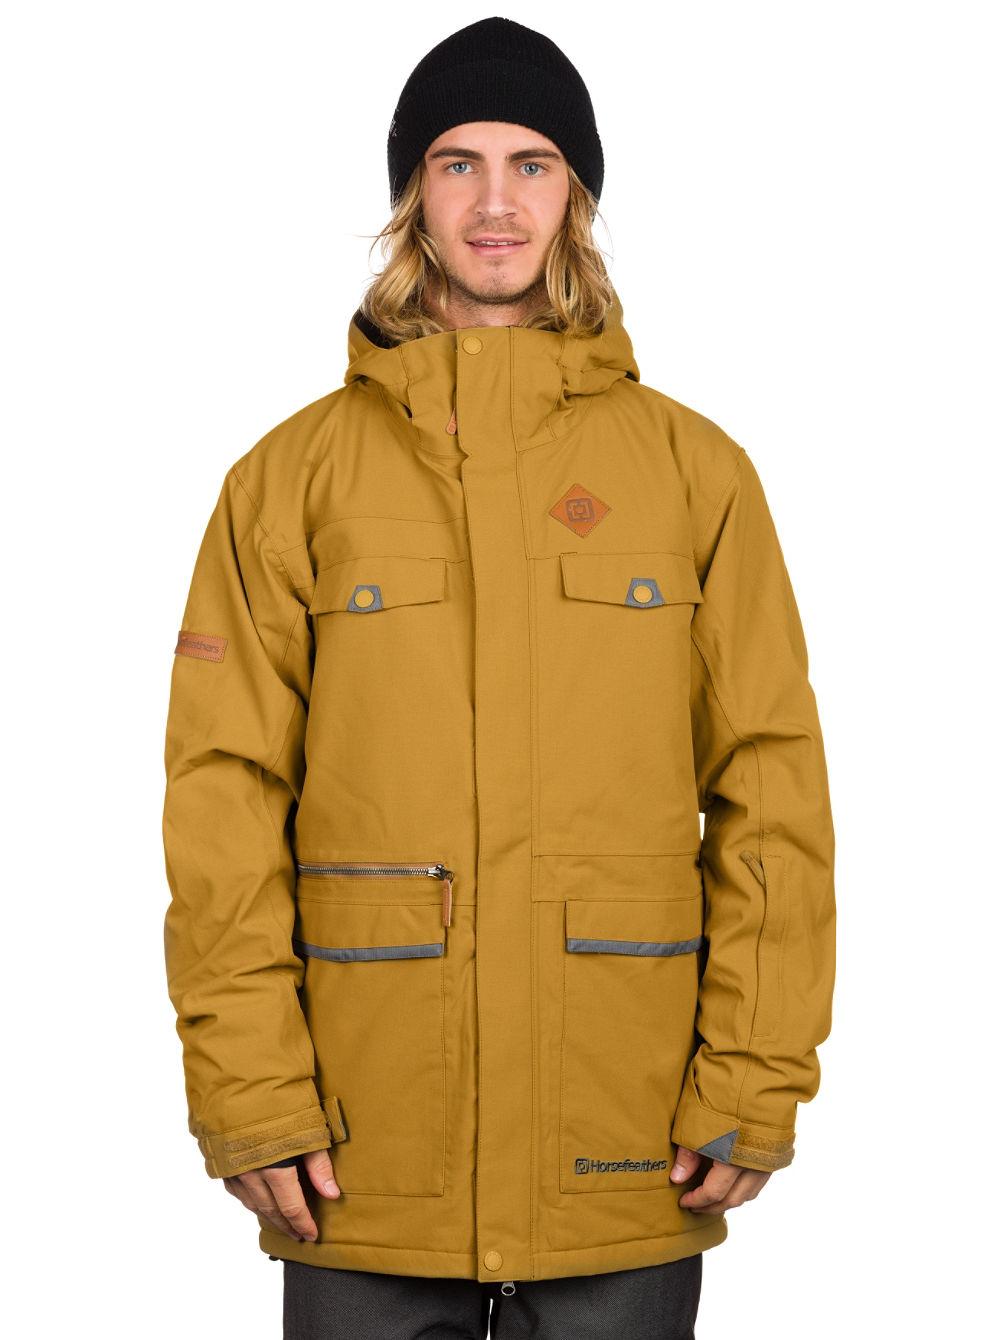 horsefeathers-tarot-jacket